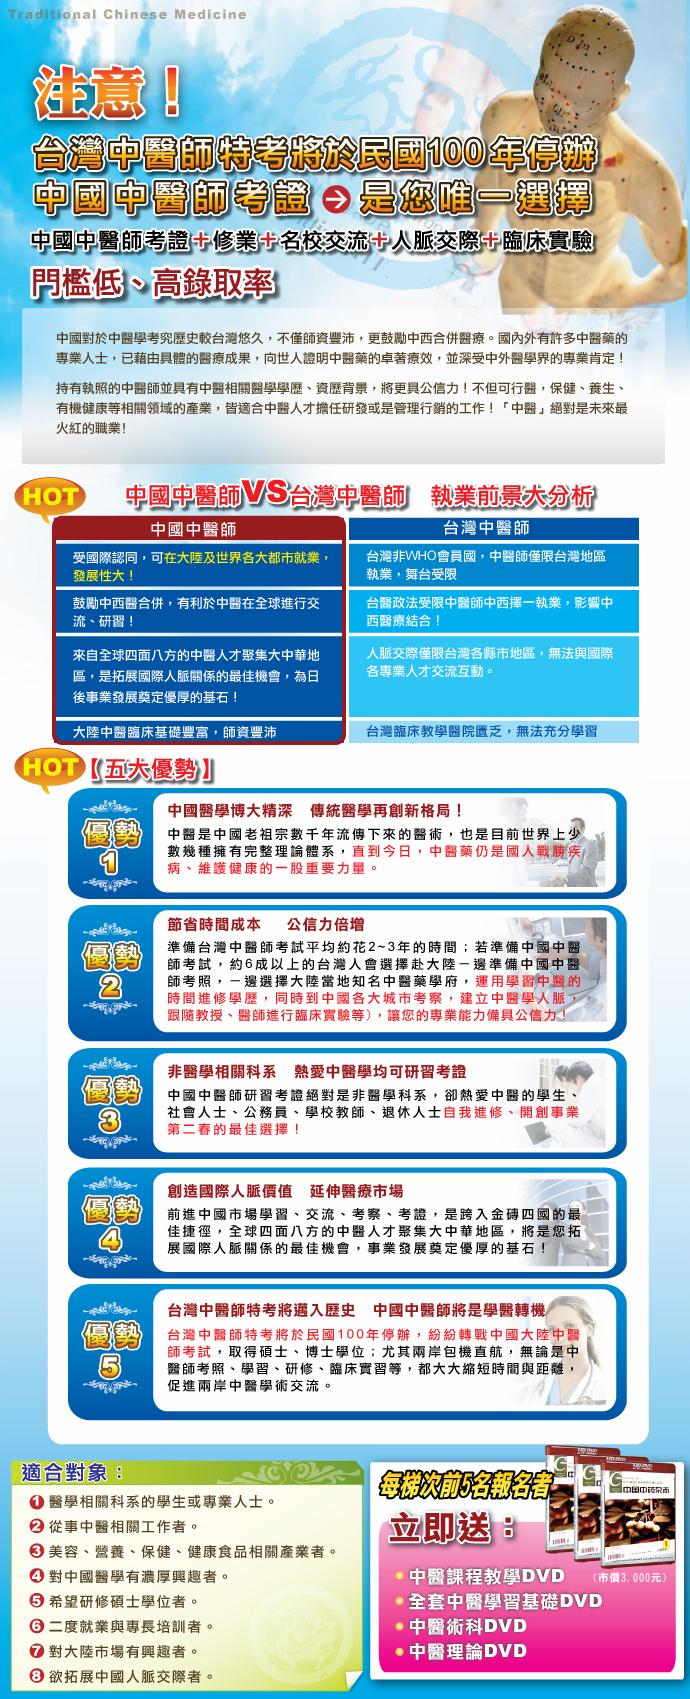 中國大陸中醫師證照考試介紹